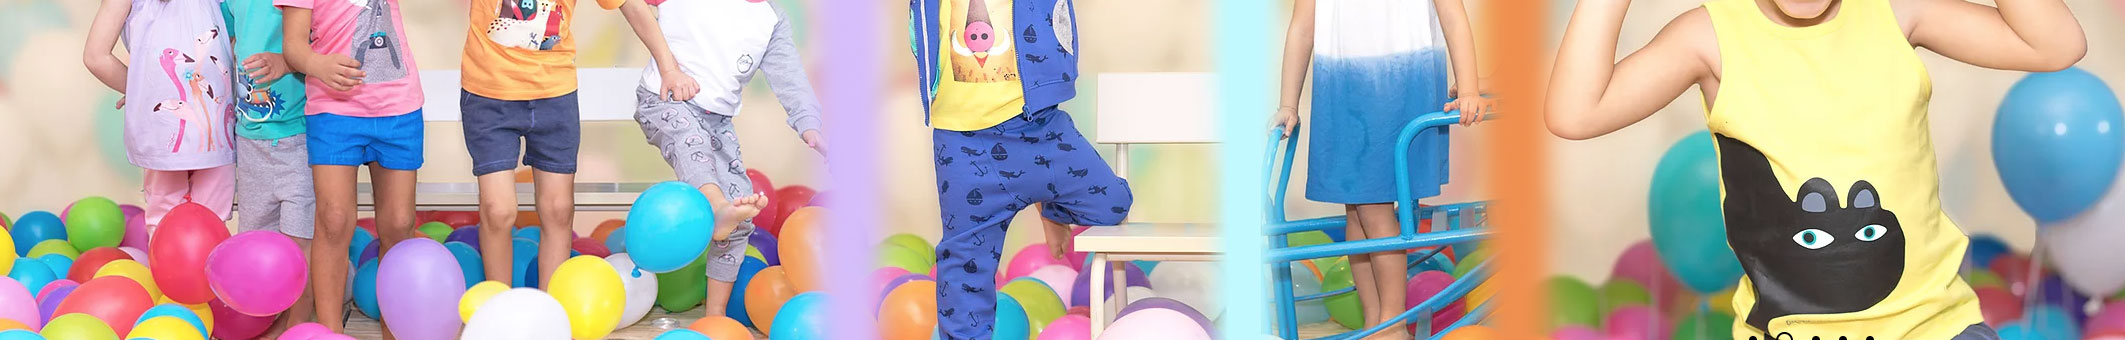 abbigliamento per bambini in cotone naturale Pipì e Pupù